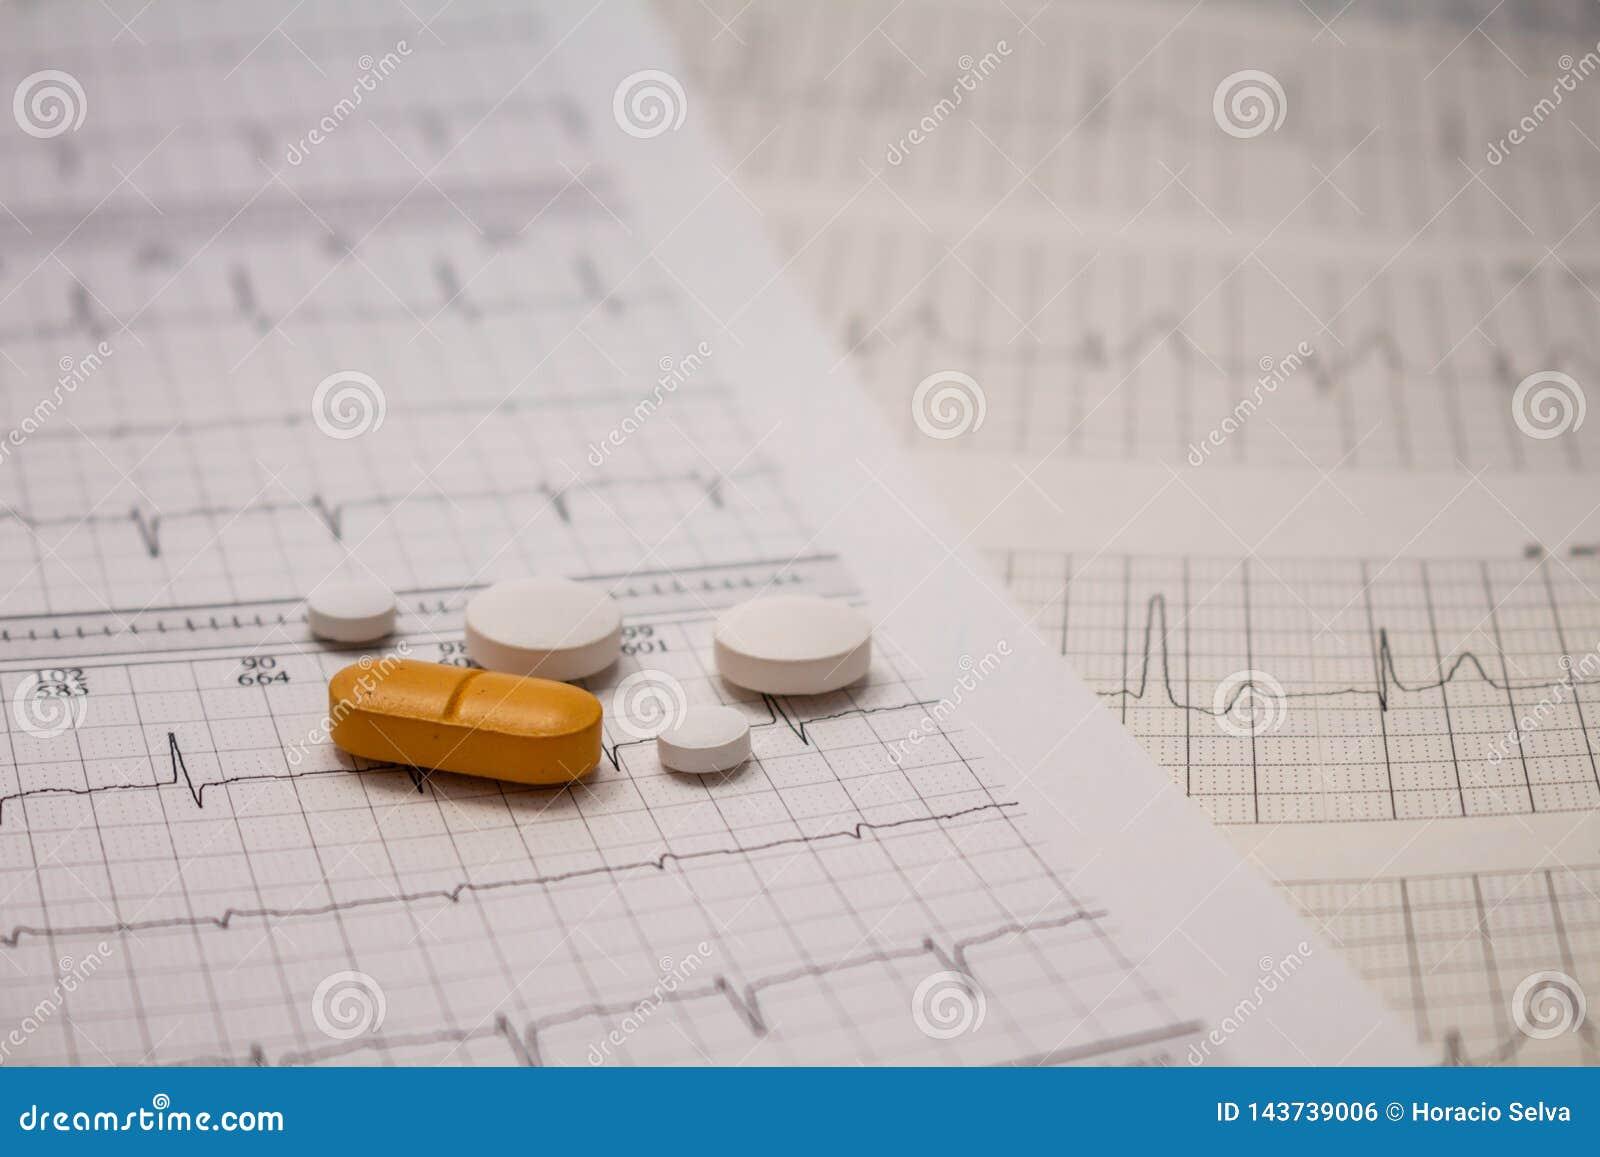 Pequeñas drogas para el uso legal en tiras de electrocardiogramas